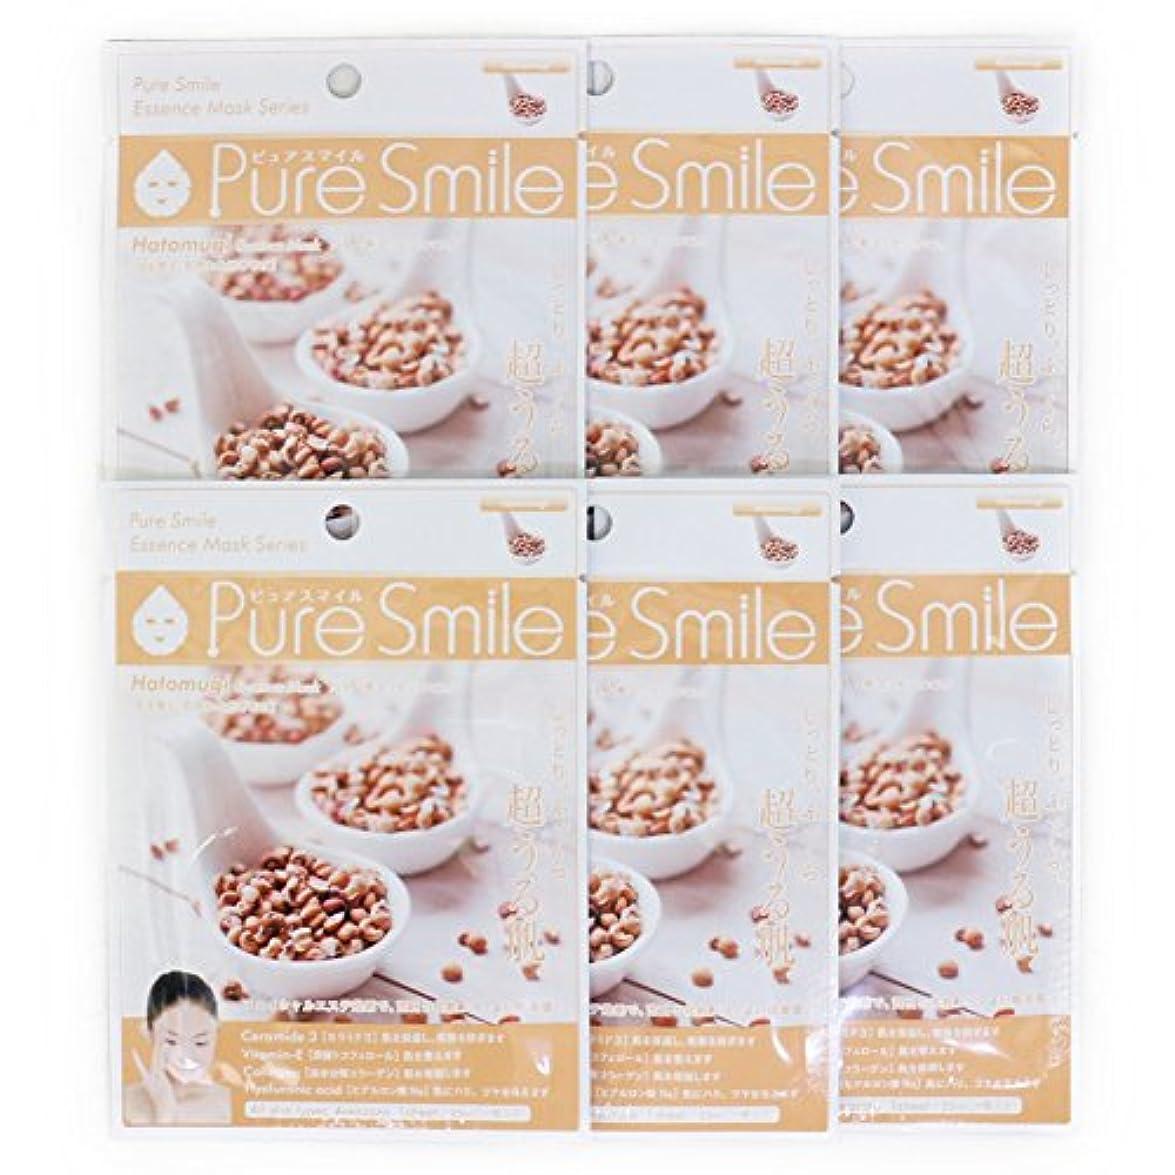 ヒュームりんごリフトPure Smile ピュアスマイル エッセンスマスク ハトムギ 6枚セット